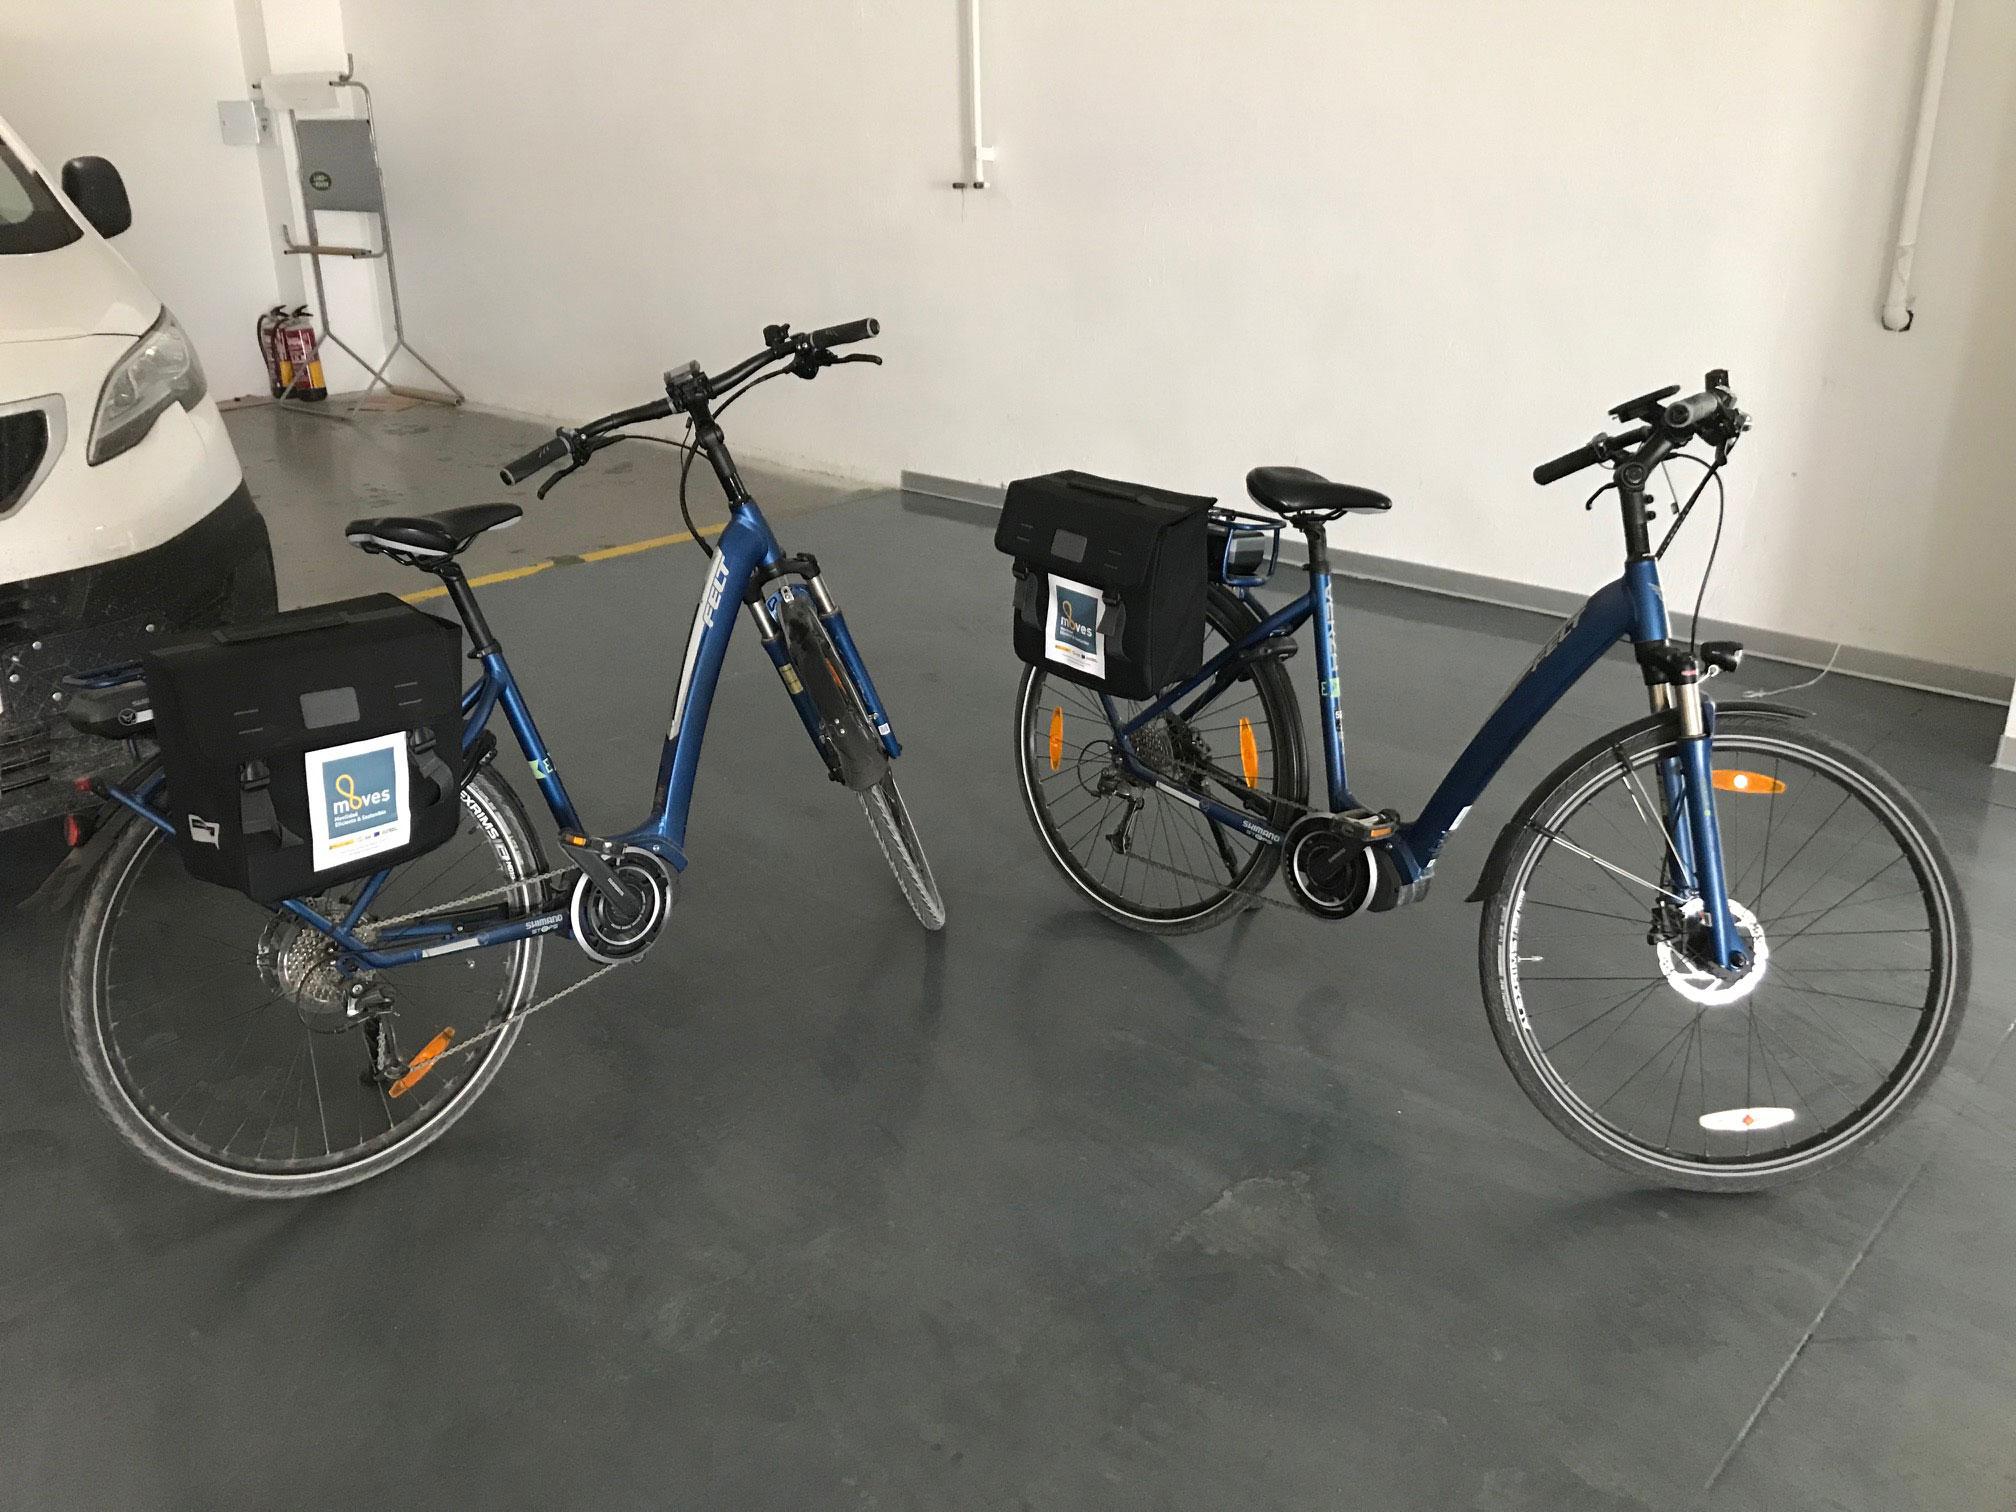 Movilidad sostenible con bicicletas eléctricas en el taller de Tumasa en Huesca y Monzón